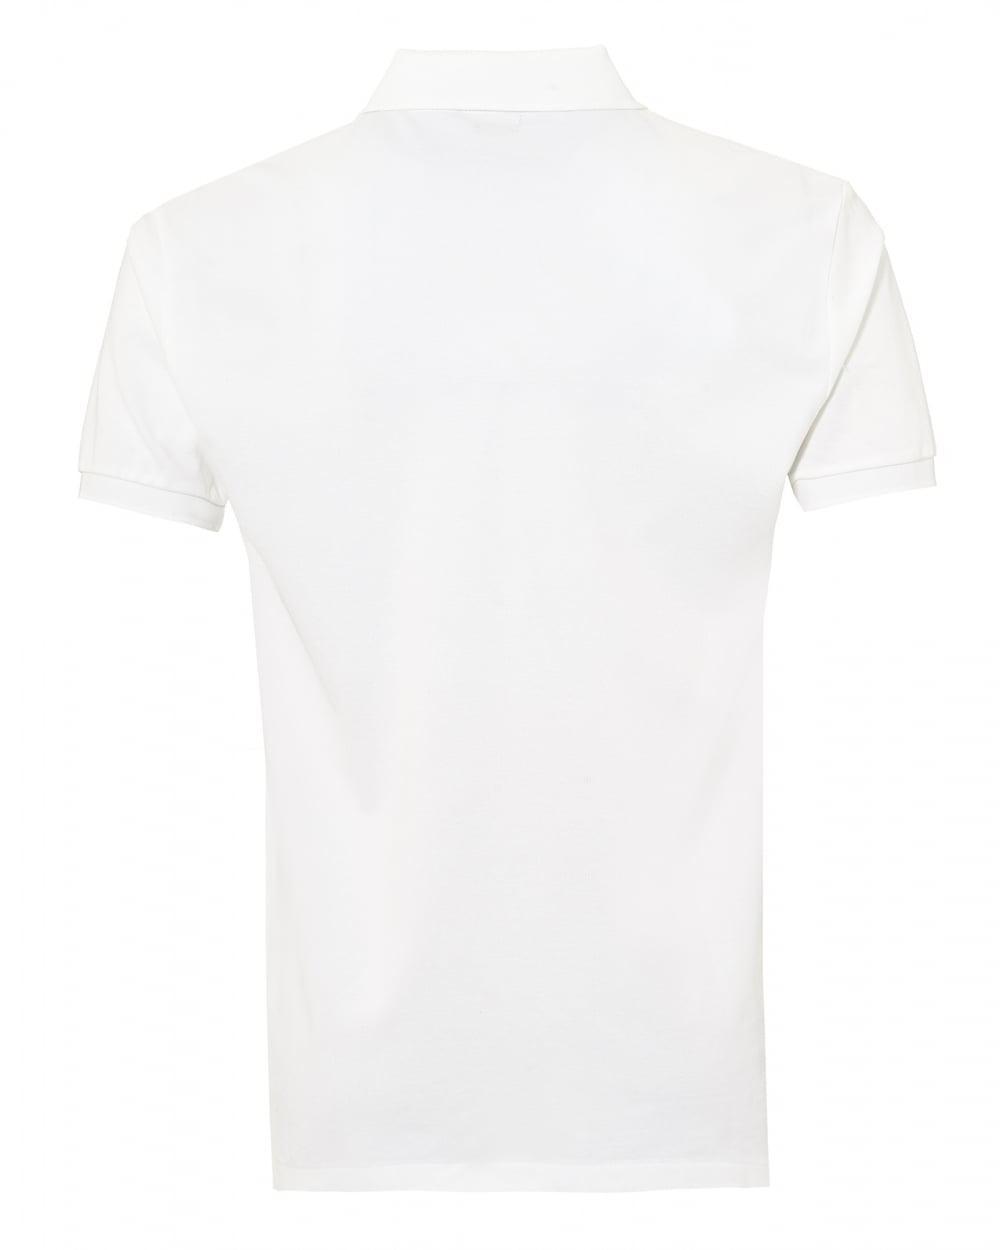 3cbf99c9680f ... uk lyst ralph lauren white plain mesh polo stretch polo shirt in white  for men 12b16